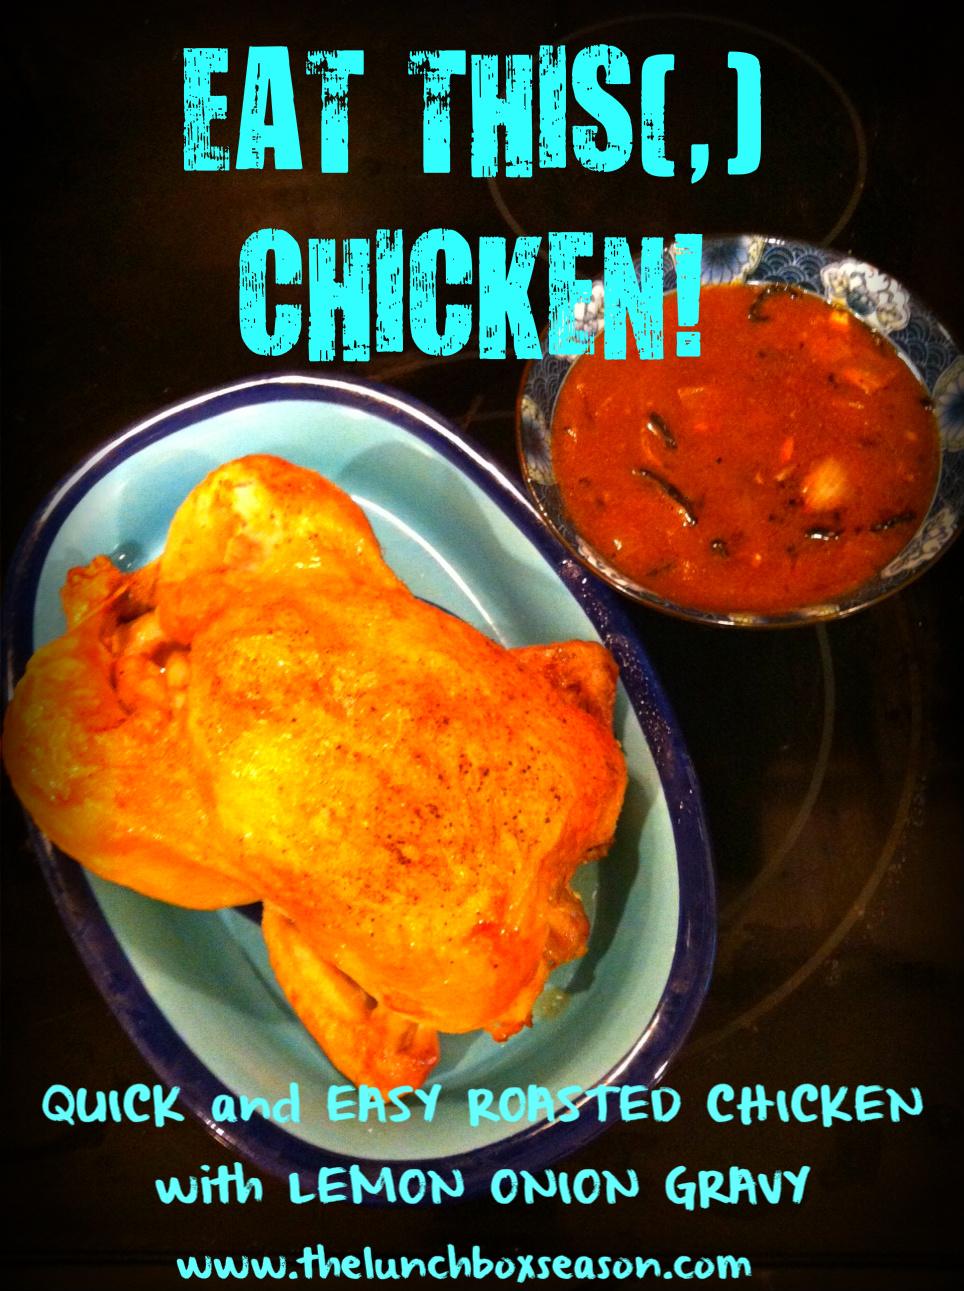 eatthischicken - Garten Engagement Chicken